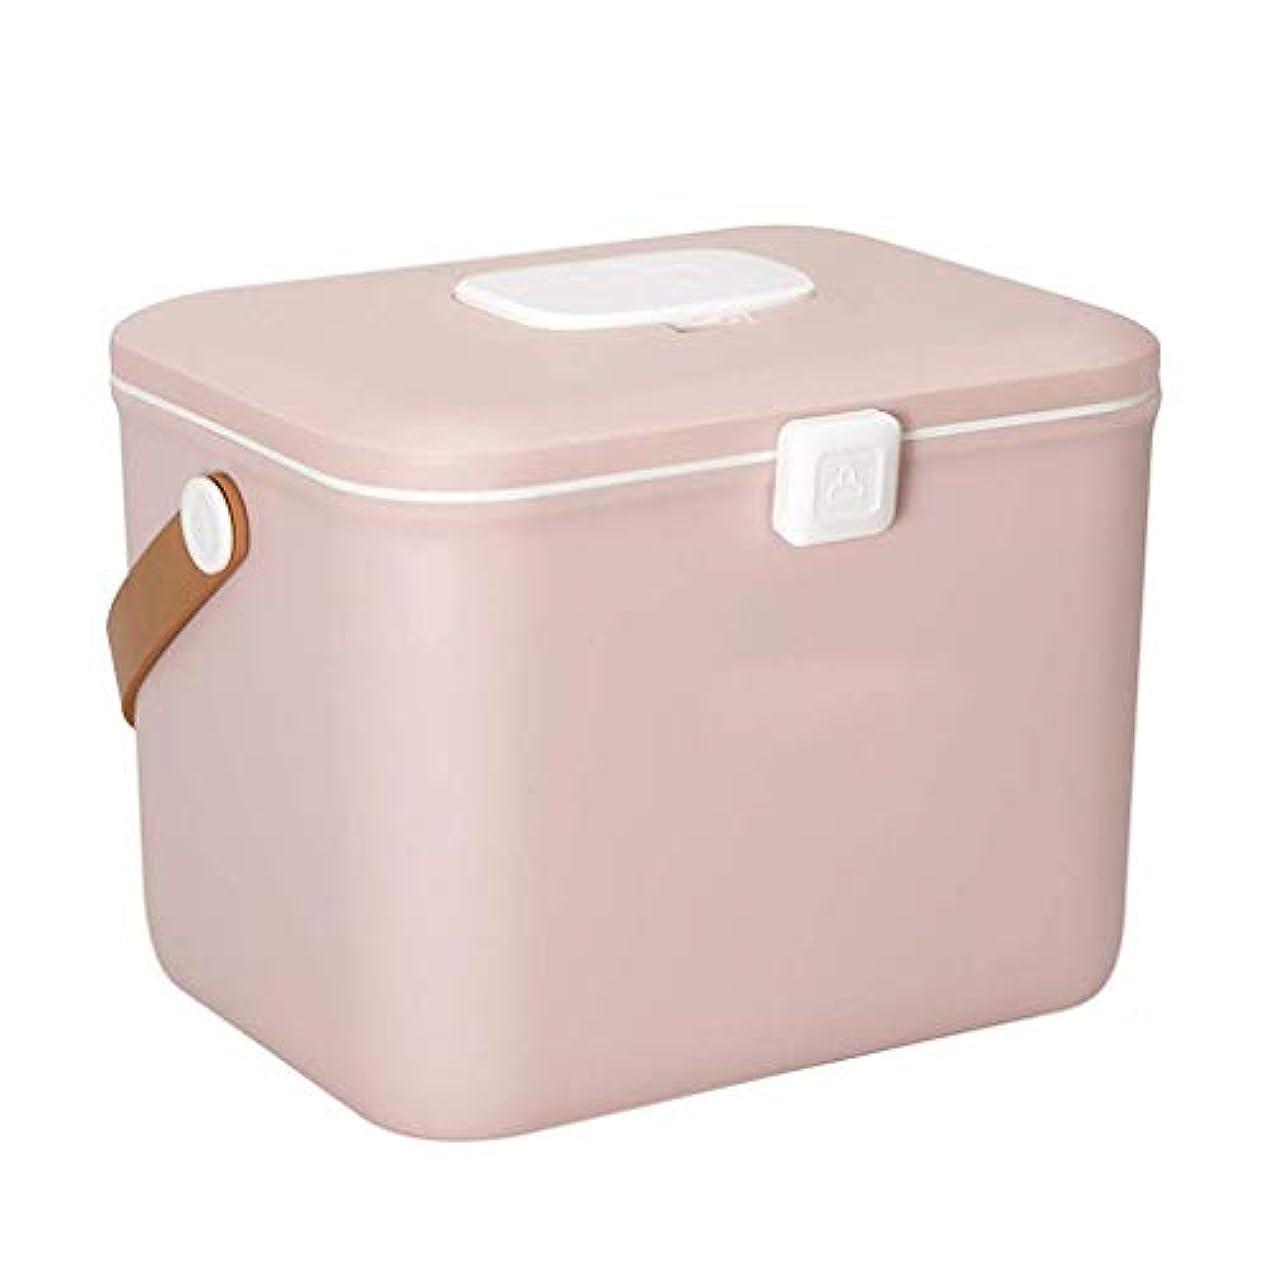 広告主広告する試してみるHEMFV 応急処置キットPPプラスチックケース付き救急箱、緊急キット収納オーガナイザー用の取り外し可能なトレイ付き医療箱 (Color : Pink)